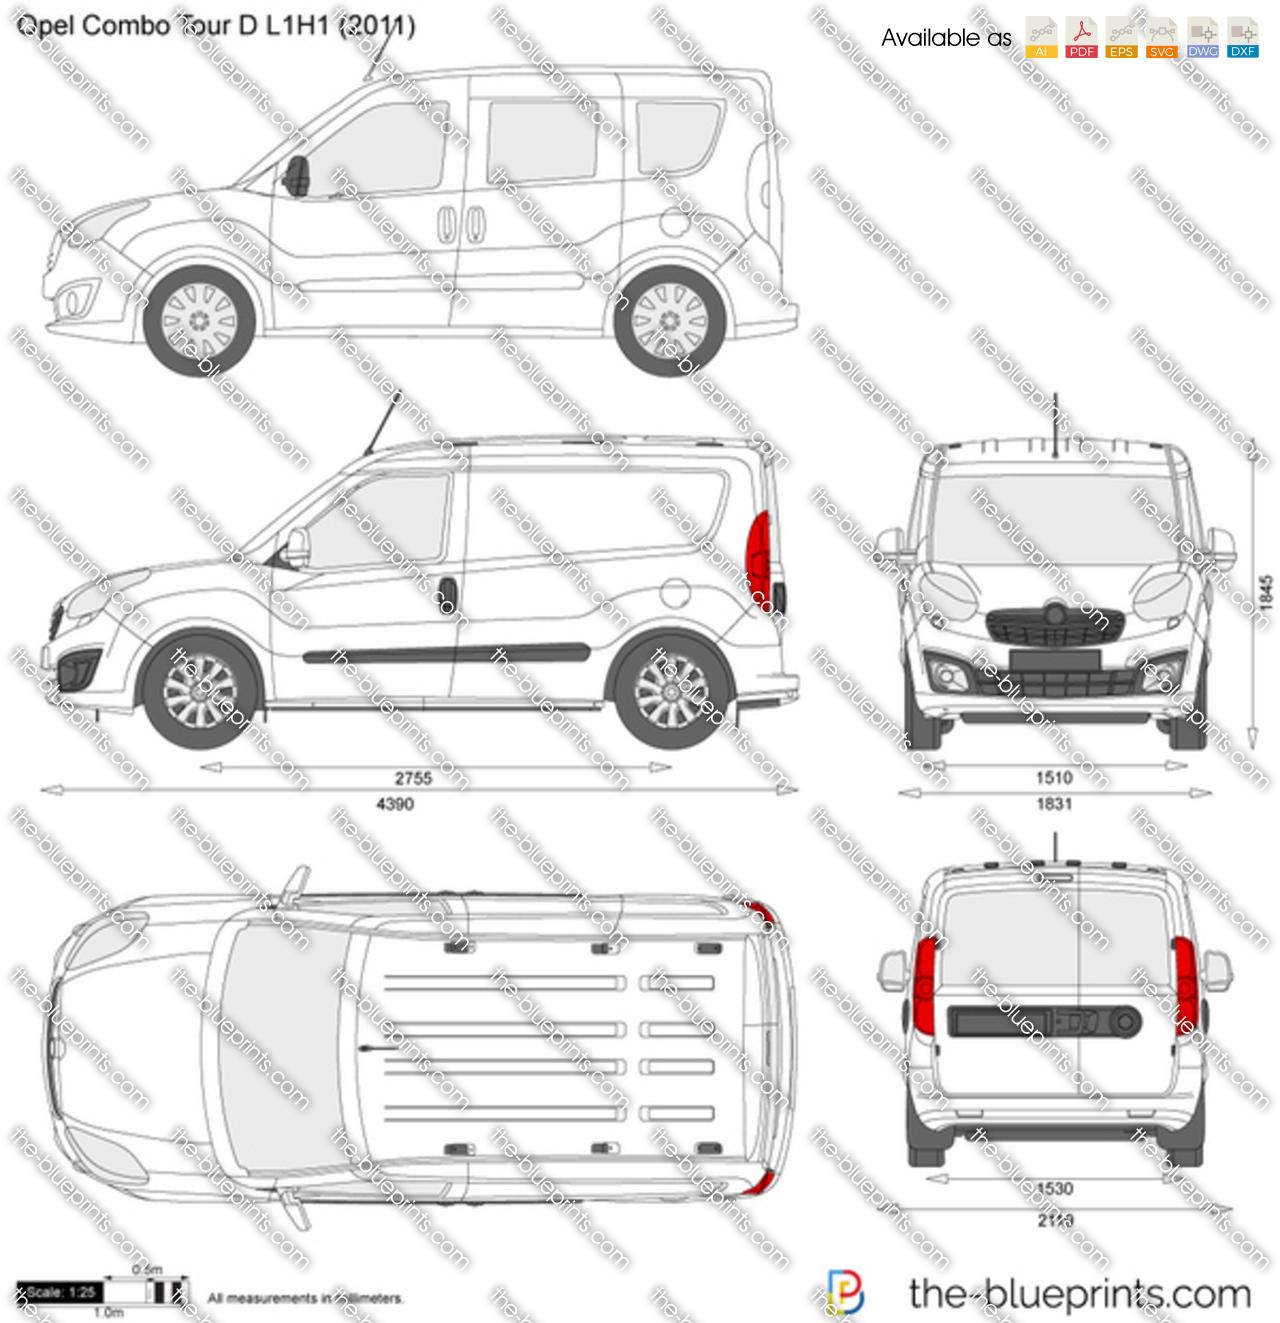 Opel Combo Tour D L1H1